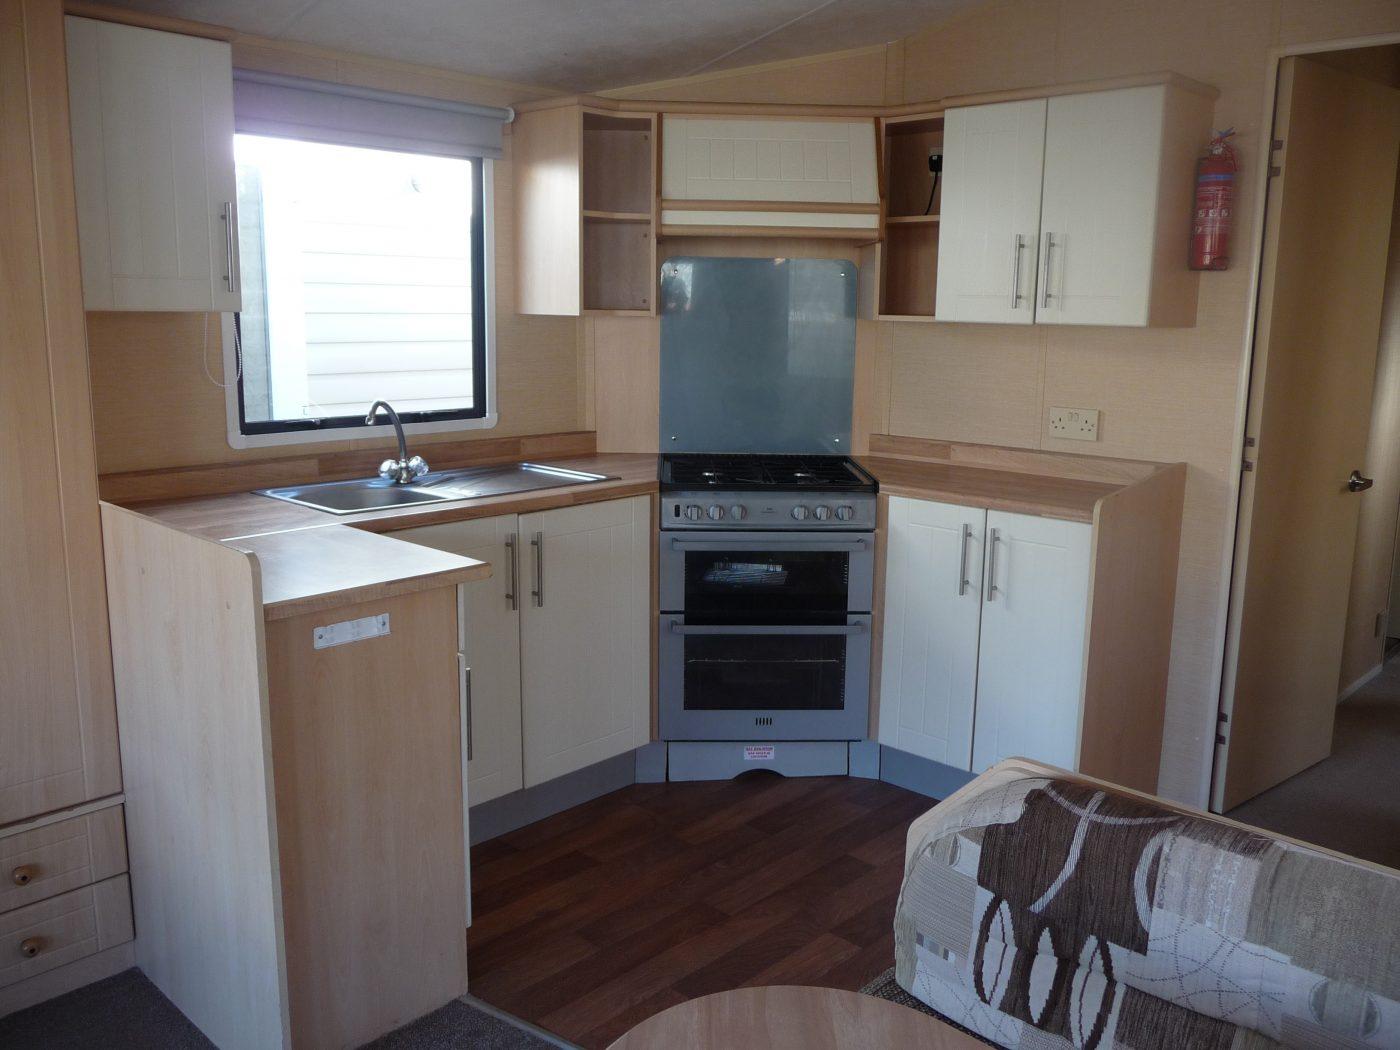 Willerby Savoy Kitchen - Smyth Leisure Mobile HomesSmyth Leisure ...